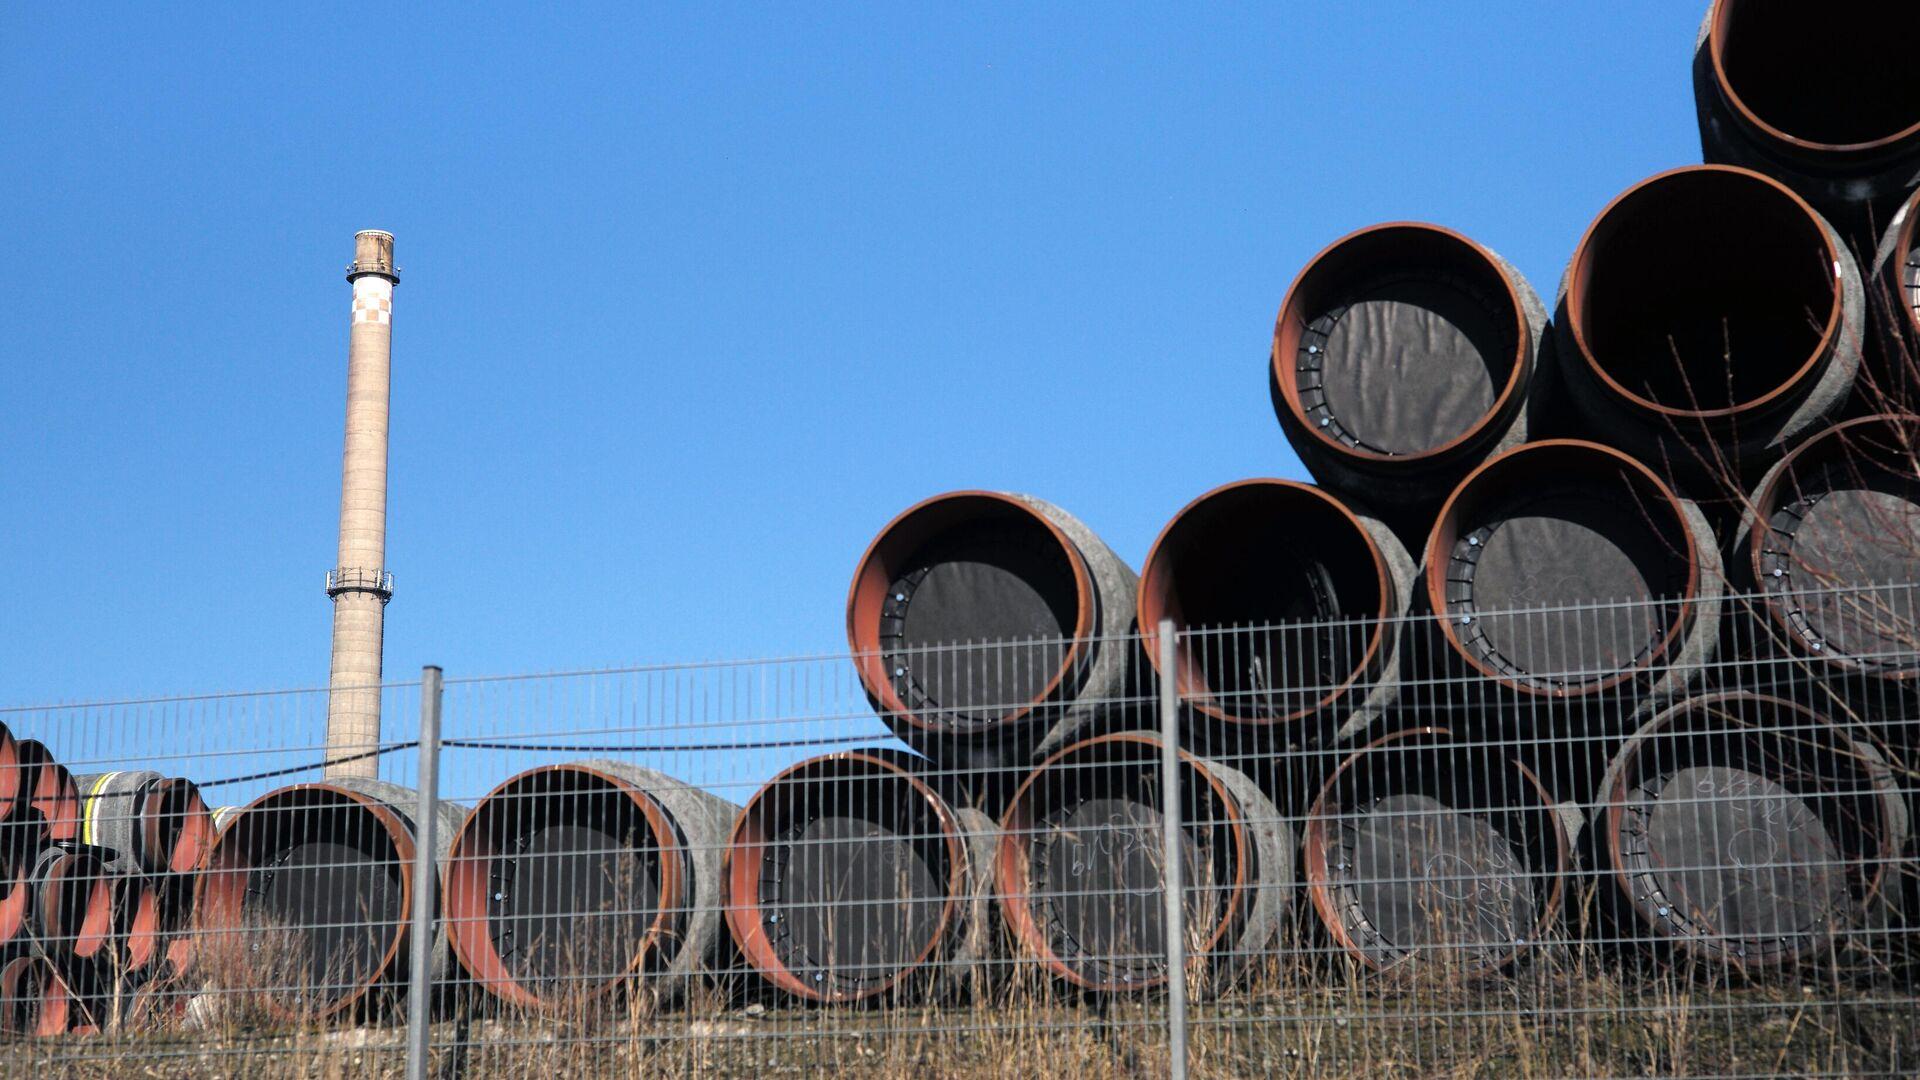 Склад труб для строительства газопровода Северный поток-2 в Германии - РИА Новости, 1920, 02.03.2021